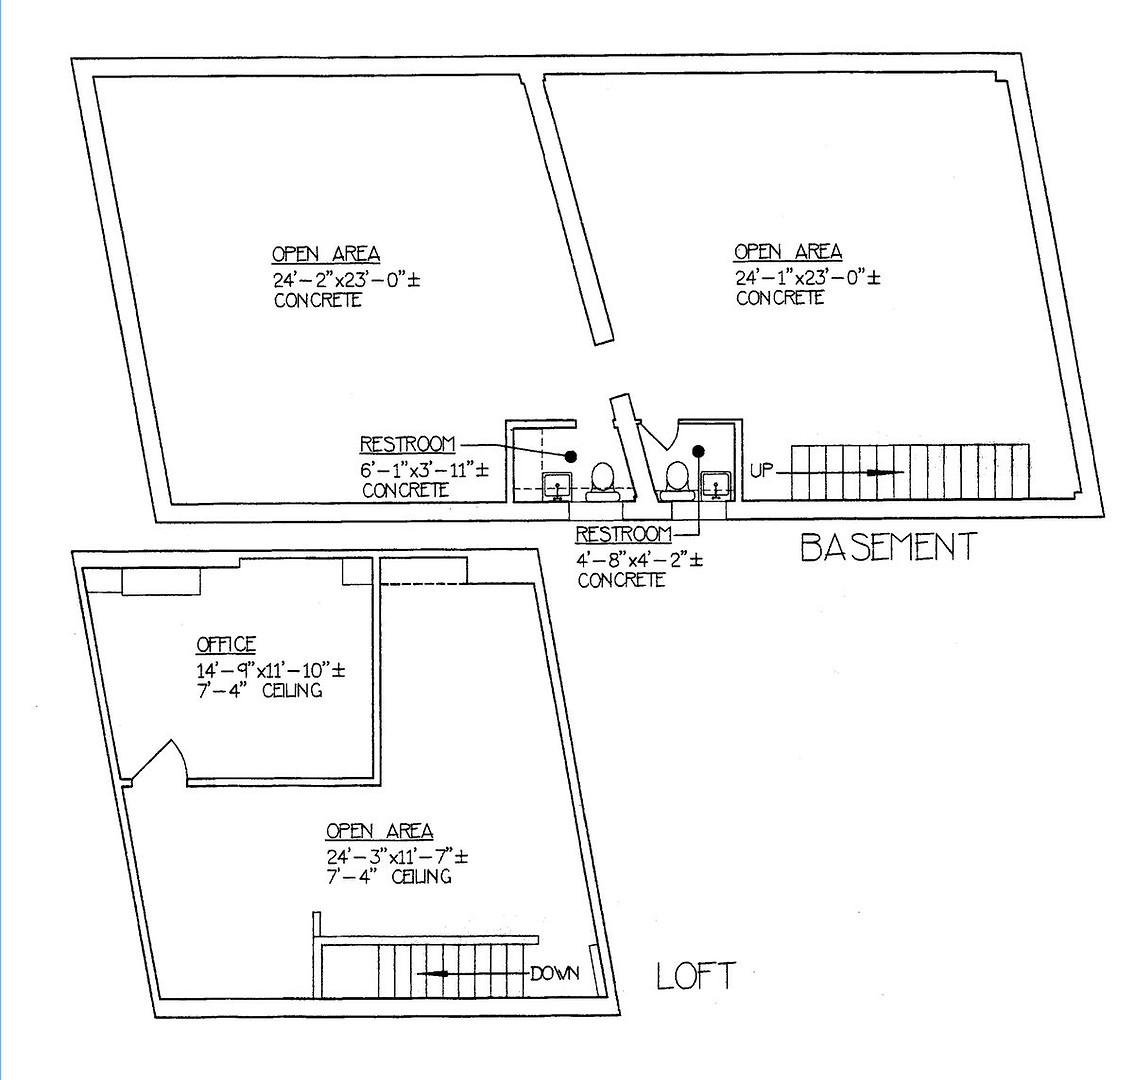 3025 Central Ave Basement_ Loft Floor Pl